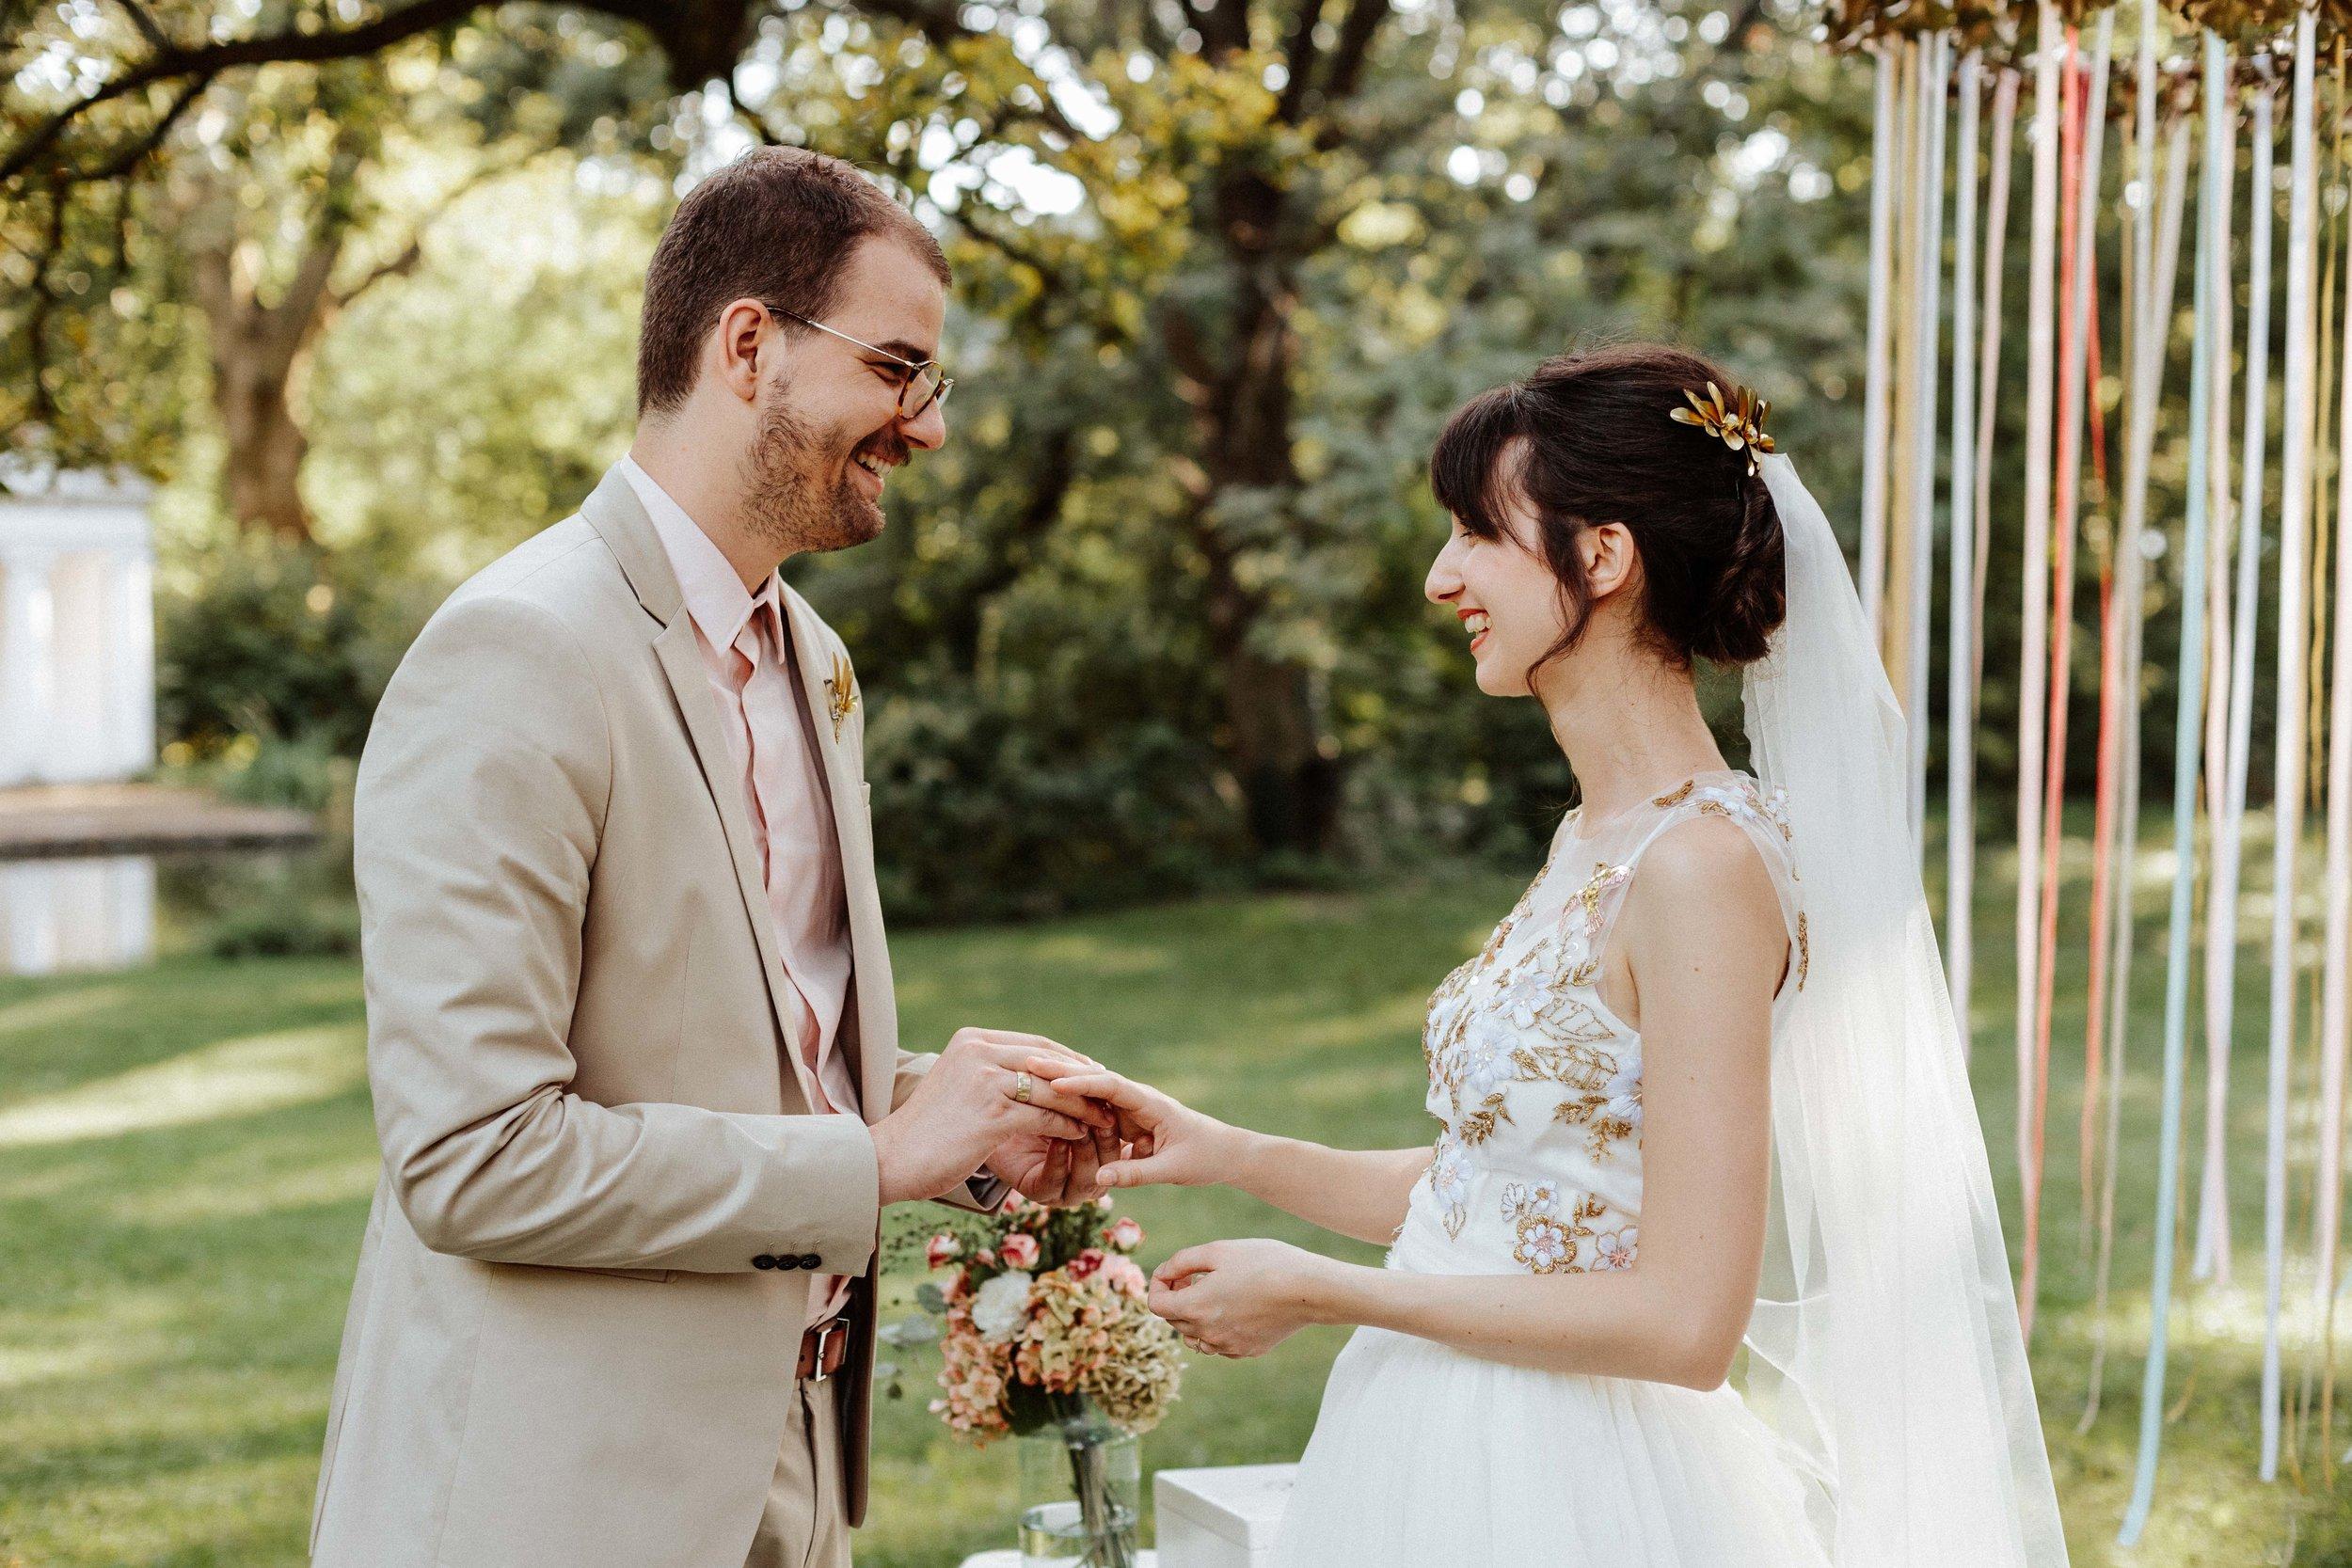 20170826_Rebi+Dani_wedding_w_269__MG_0041_1.jpg